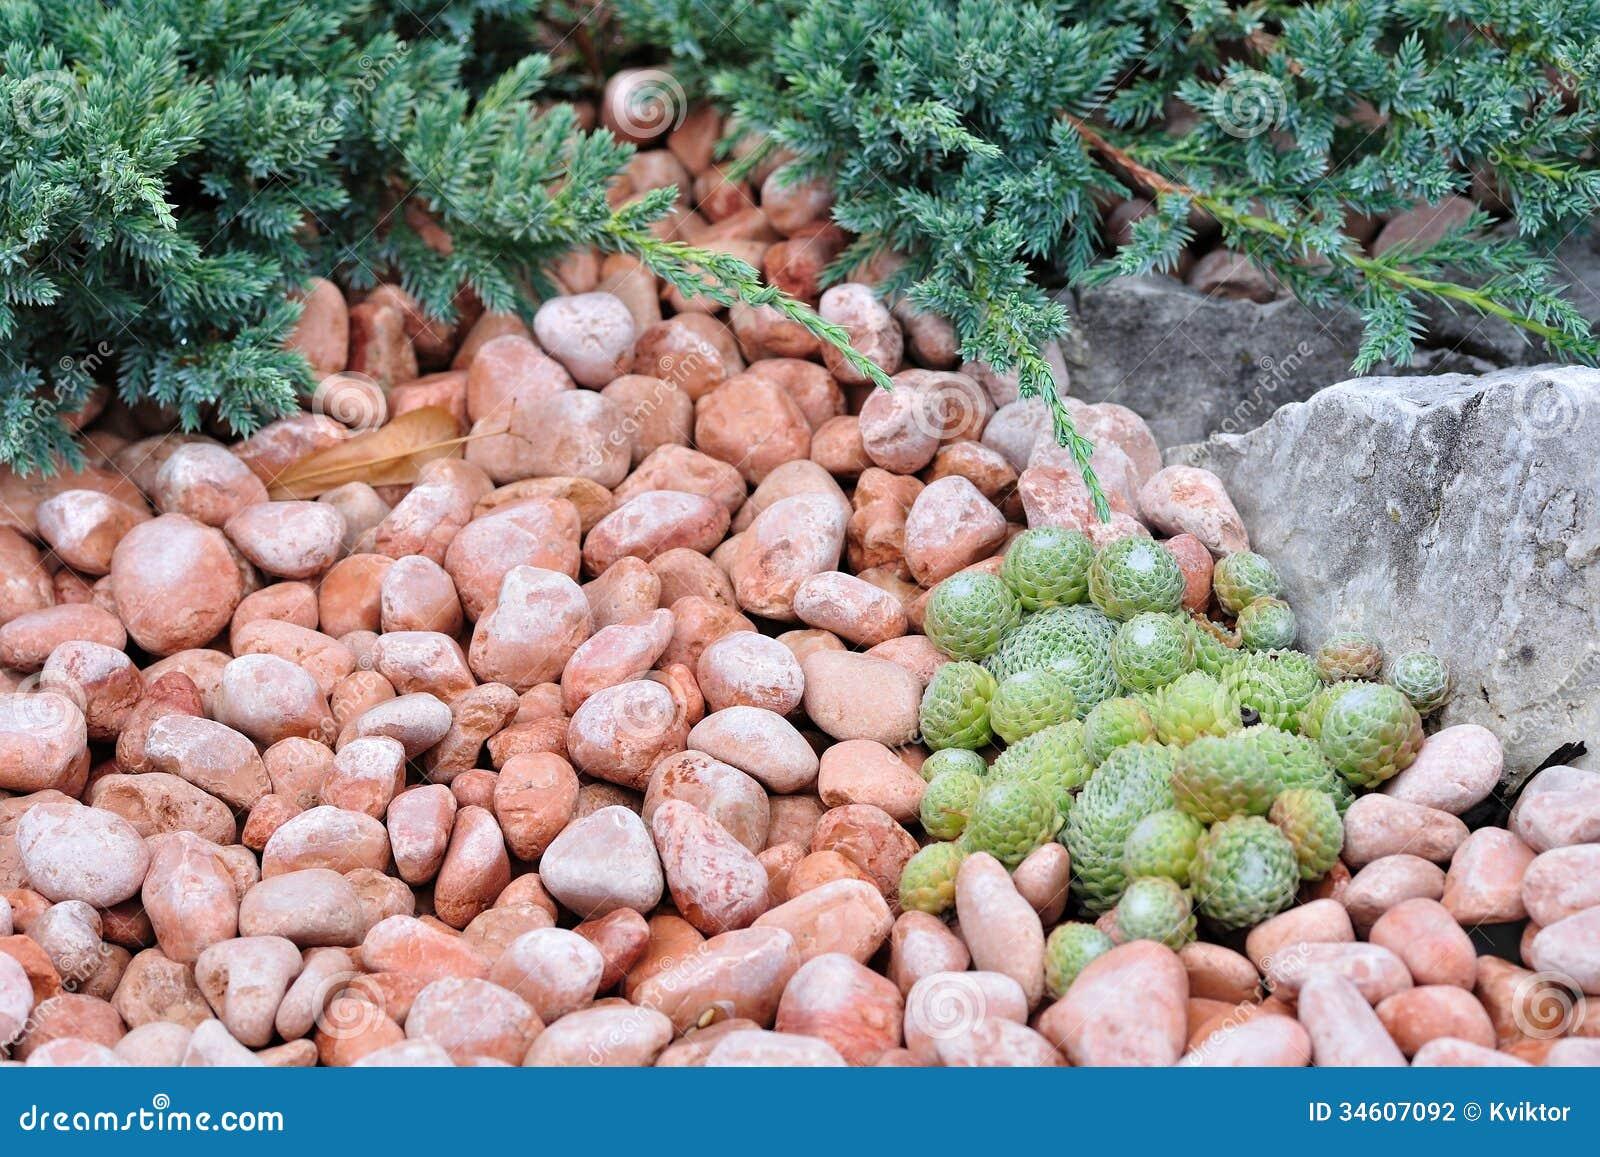 venda de seixos para jardim:Seixos E Plantas No Jardim Ornamental Fotografia de Stock – Imagem